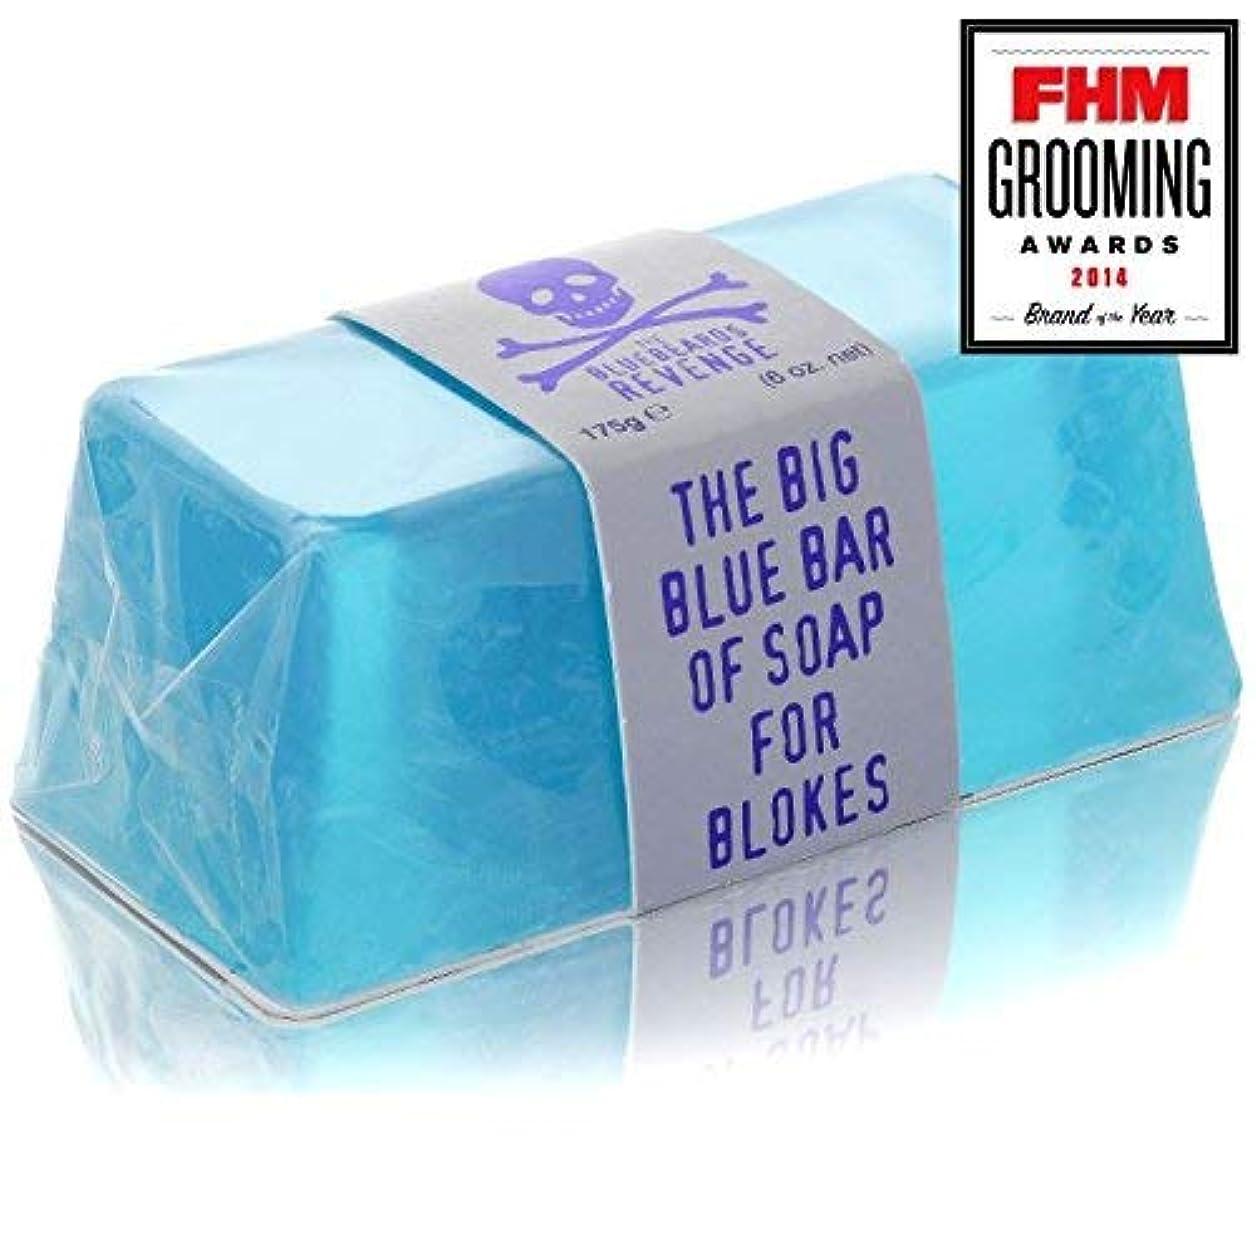 変更山岳行為The Bluebeards Revenge Big Blue Bar of Soap for Blokes Glycerin Soap by The Bluebeards Revenge [並行輸入品]